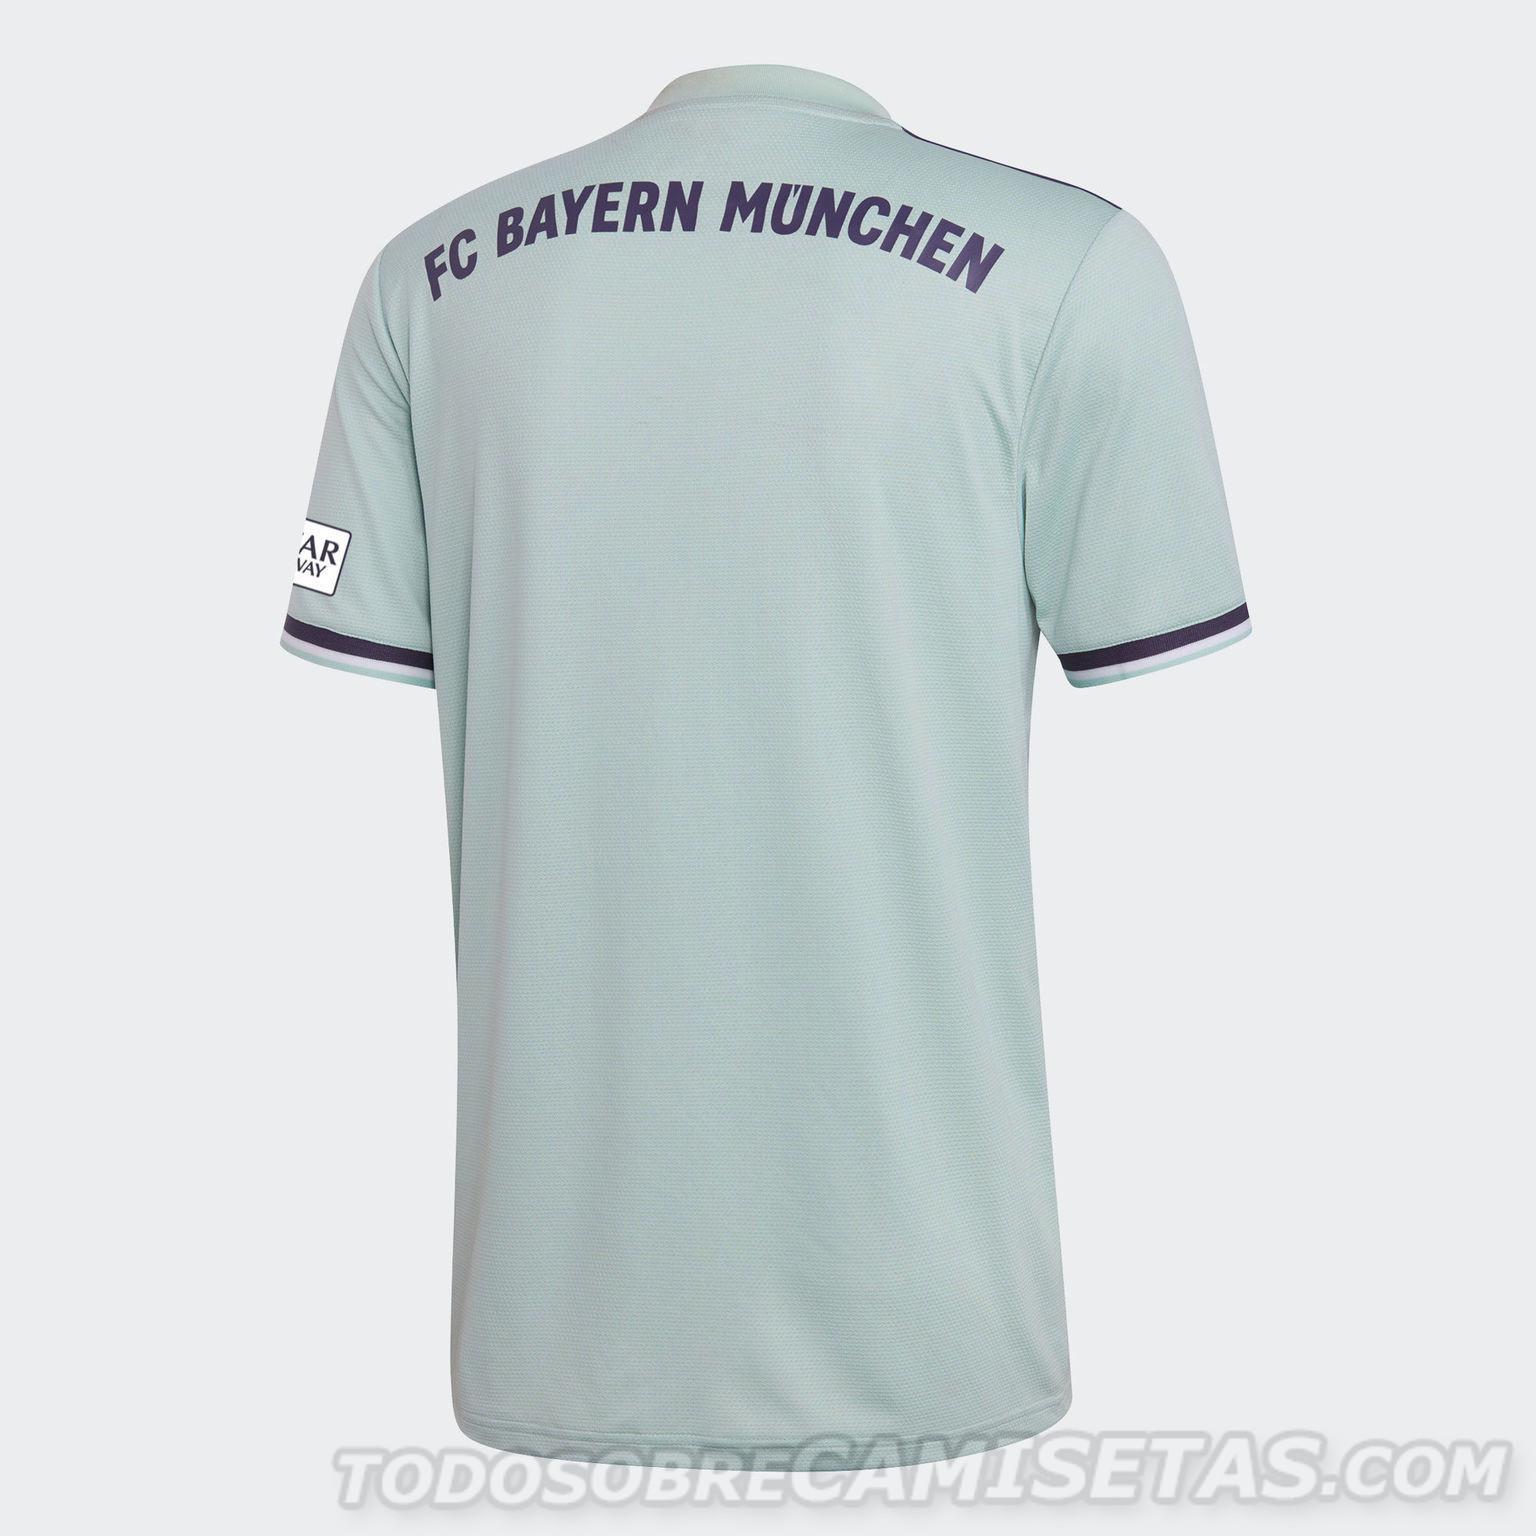 Bayern-Munich-2018-19-adidas-new-away-kit-4.jpg